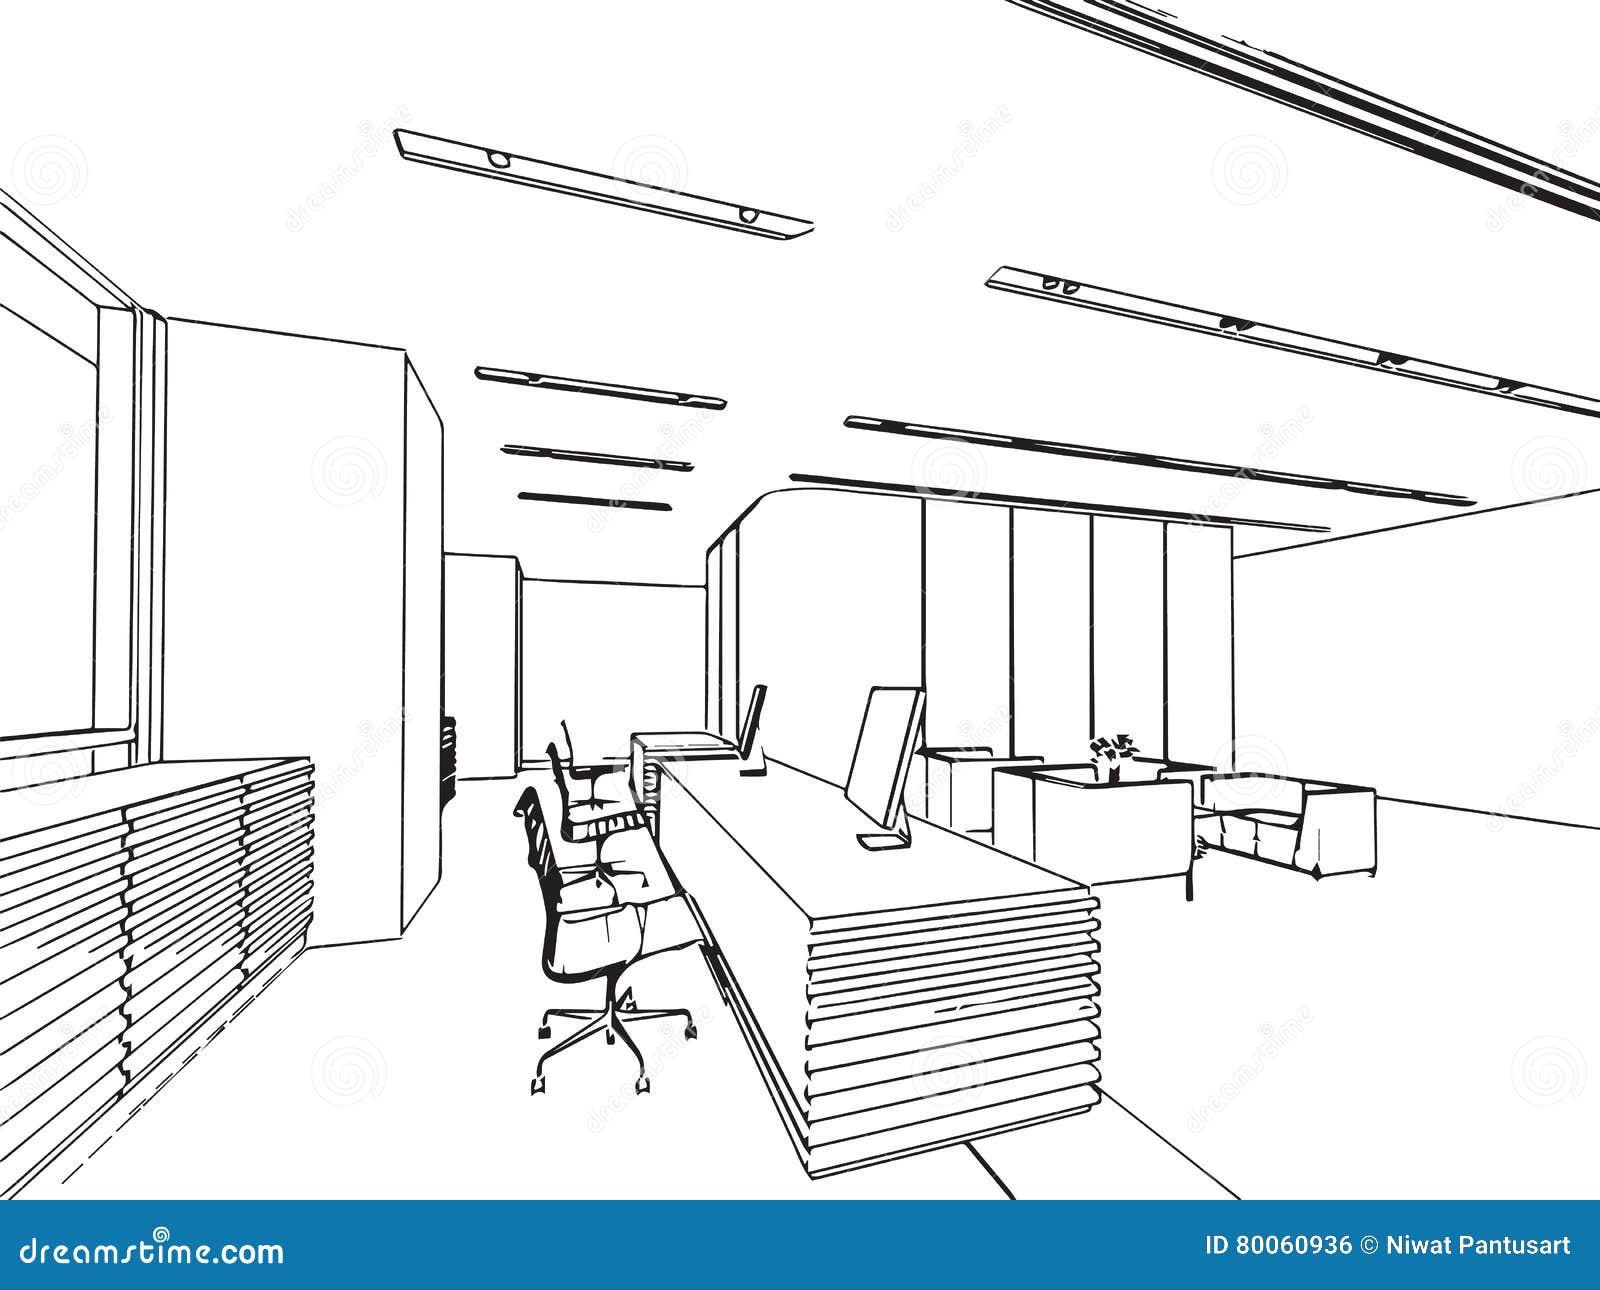 Exemple De Dessin De Piece En Perspective Bureau : Perspective intérieure de dessin croquis d ensemble